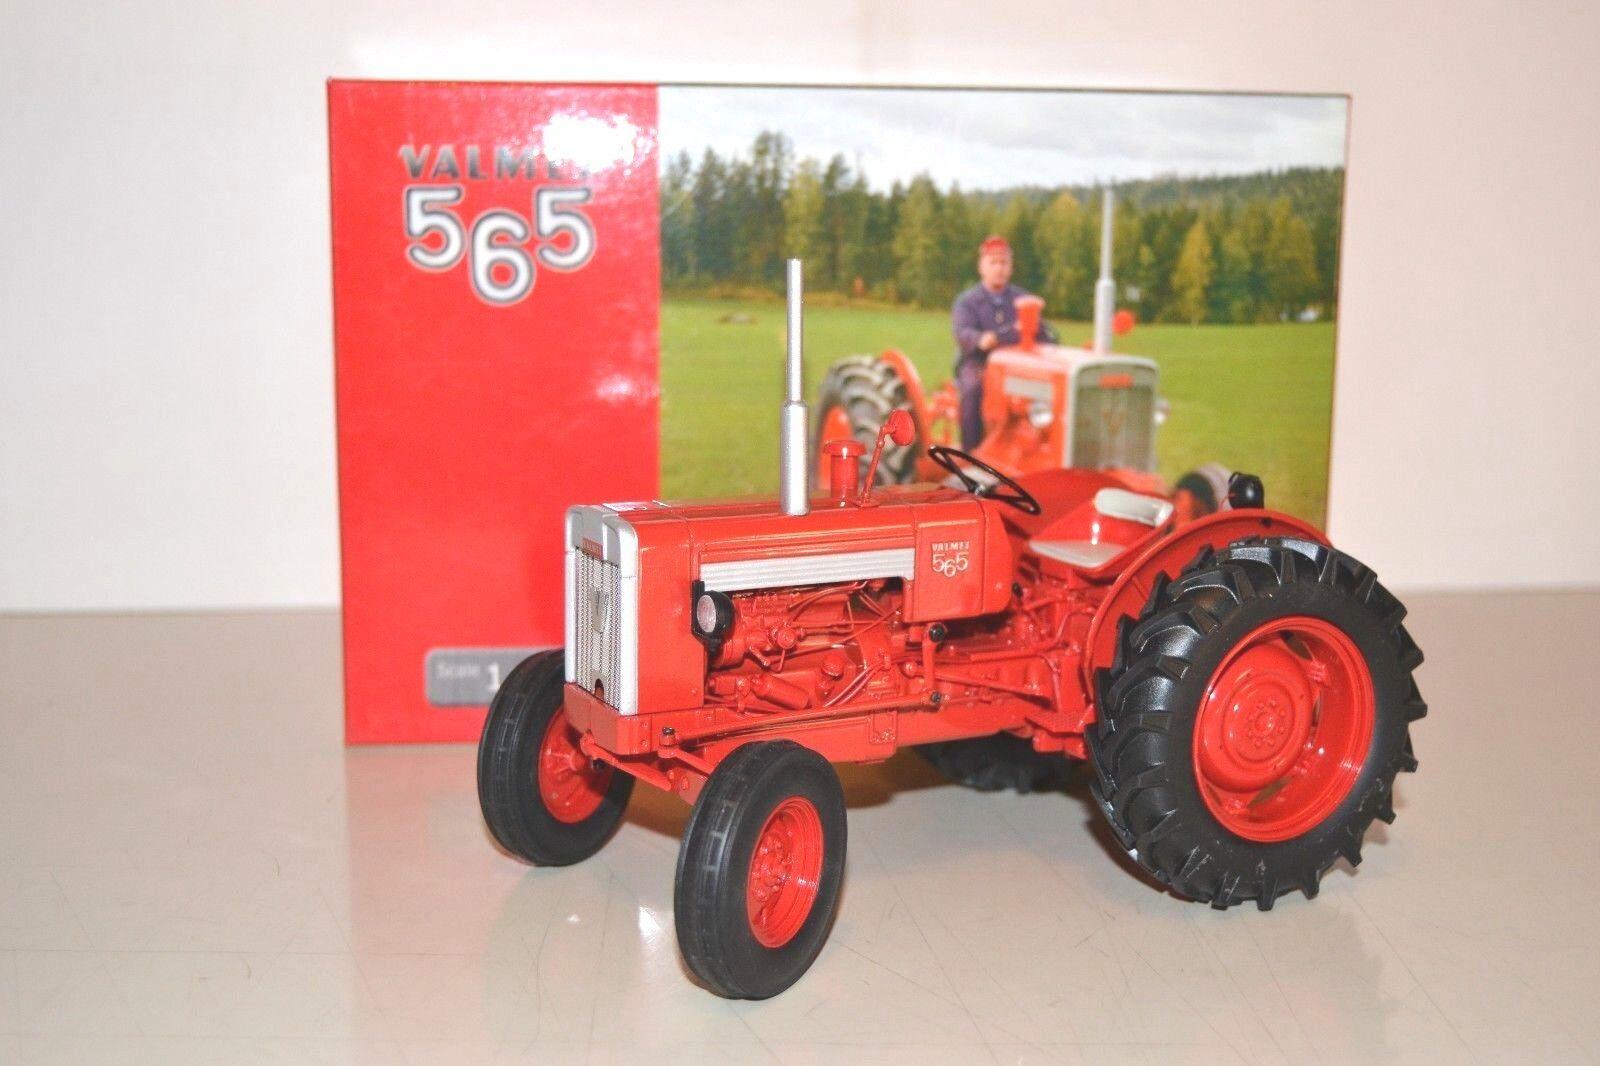 Universal Hobbies 1 16. Valmet 565 1965. 1965. 1965. Tracteur agricole. Réf. UH2620. 6adcf0